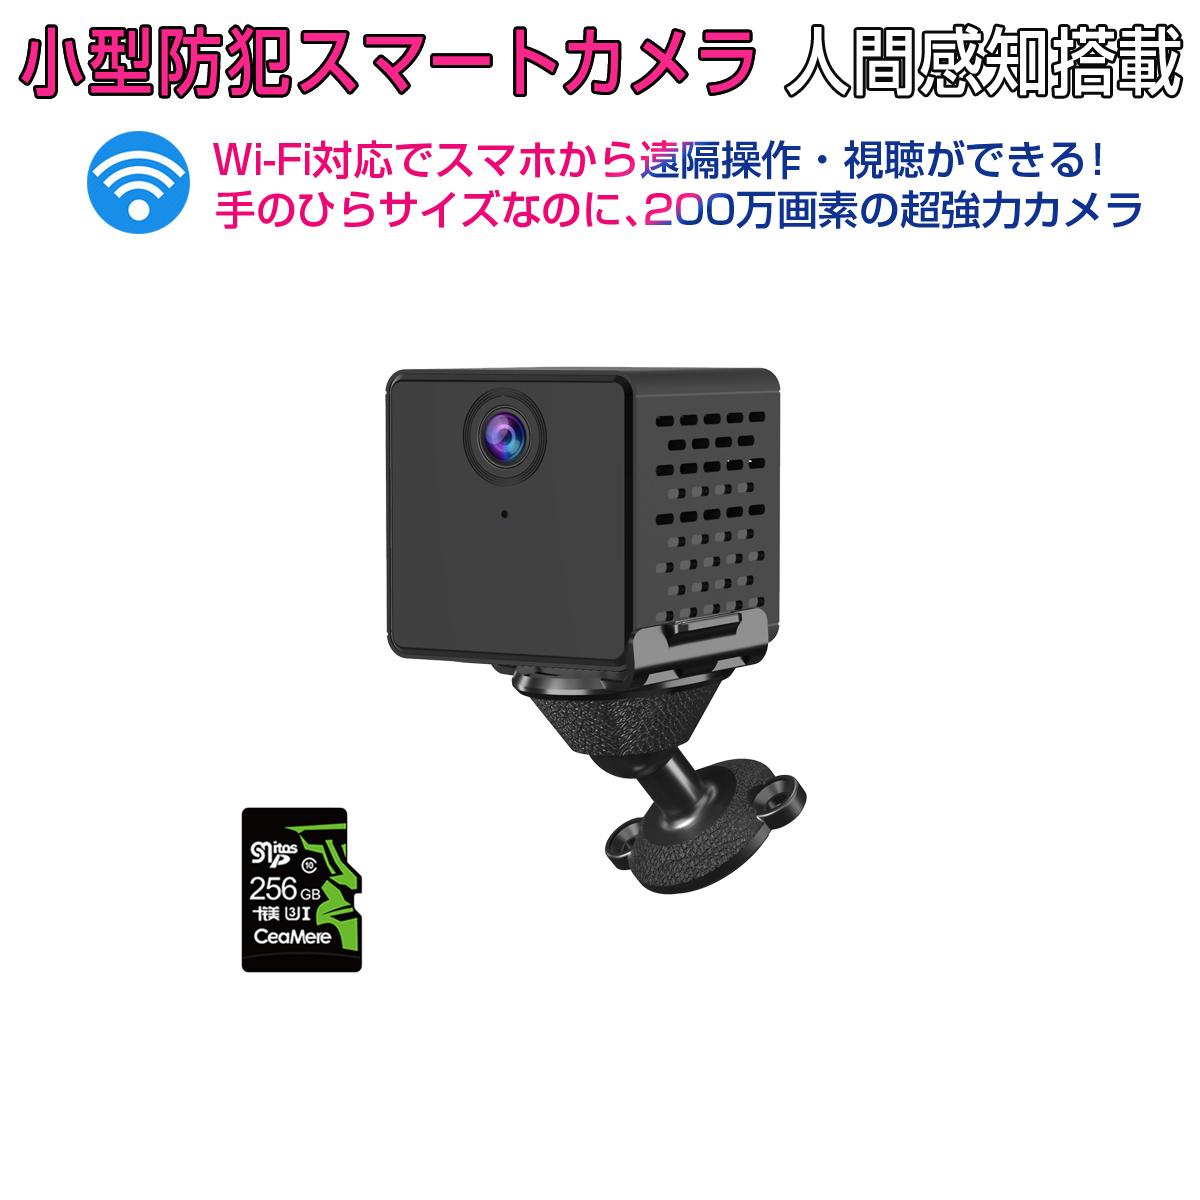 小型 防犯カメラ ワイヤレス CB73 SDカード256GB同梱モデル VStarcam フルHD 2K 1080P 200万画素 高画質 wifi 無線 録音 ネット環境なくても電源繋ぐだけ 遠隔監視 防犯 証拠 泥棒 浮気 横領 DV 恐喝 現場 IP カメラ 宅配便送料無料 6ヶ月保証